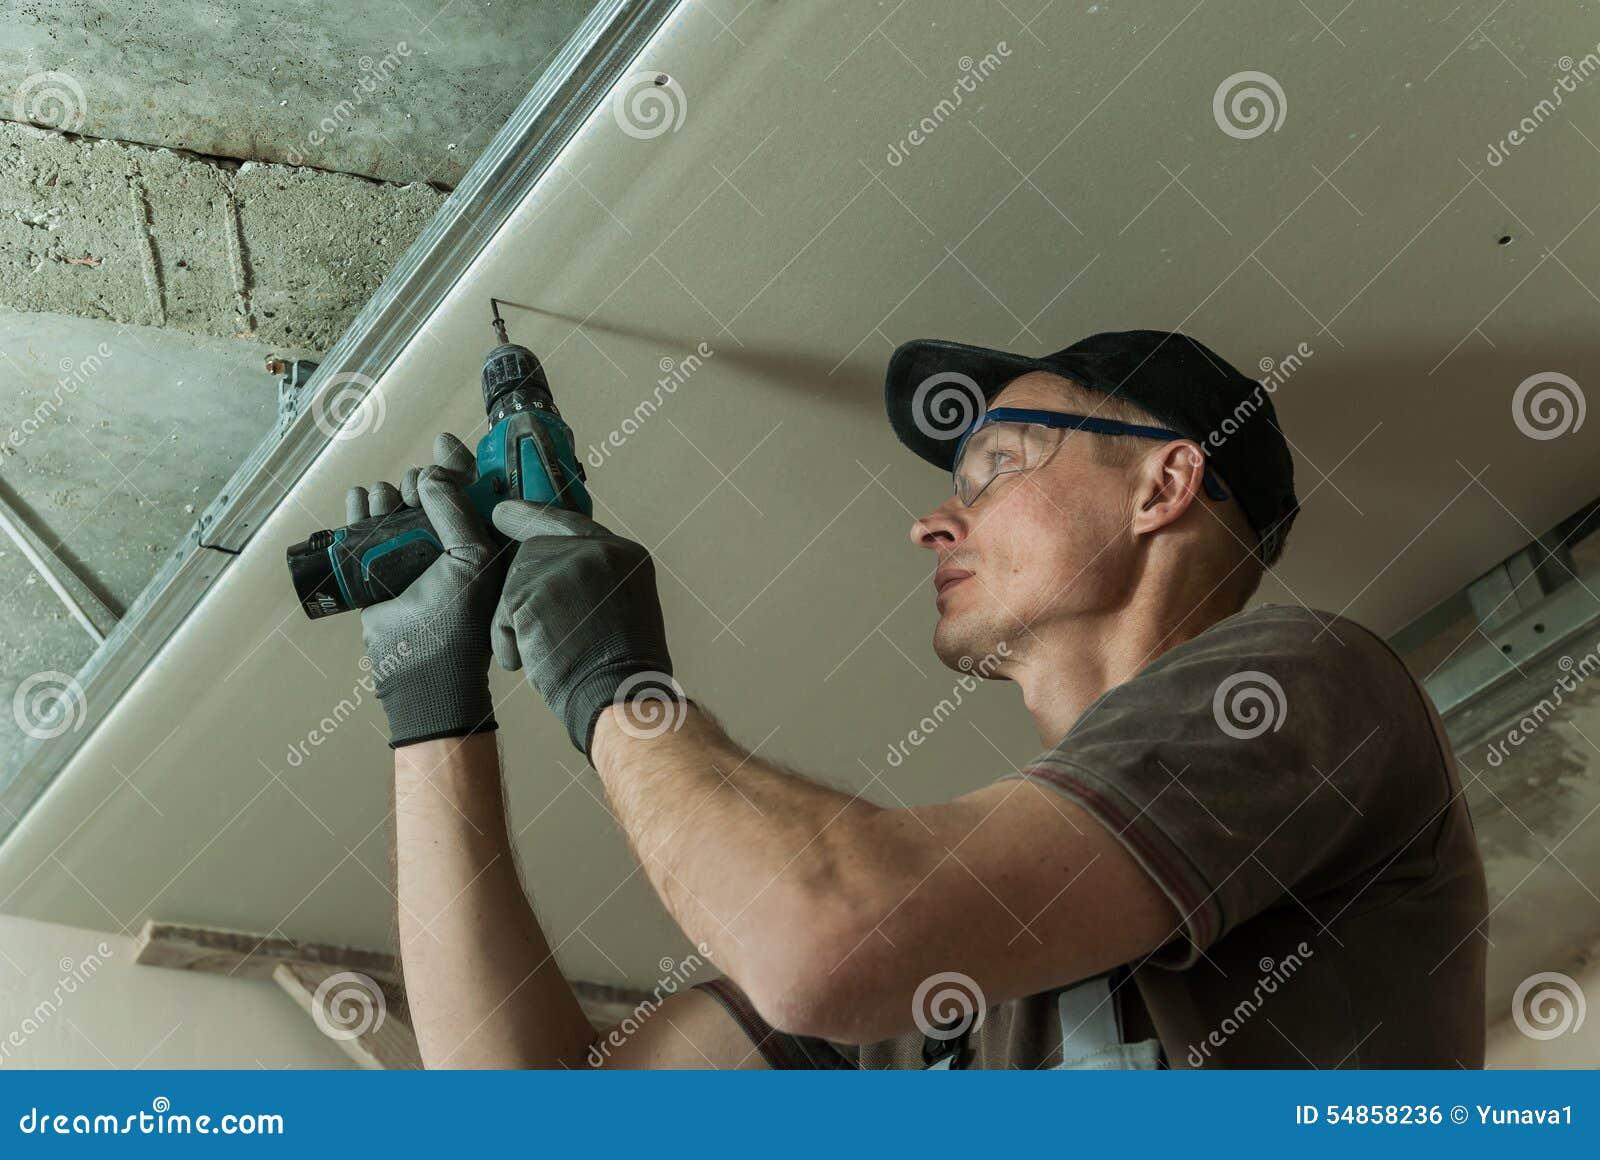 Le travailleur fixe la cloison sèche